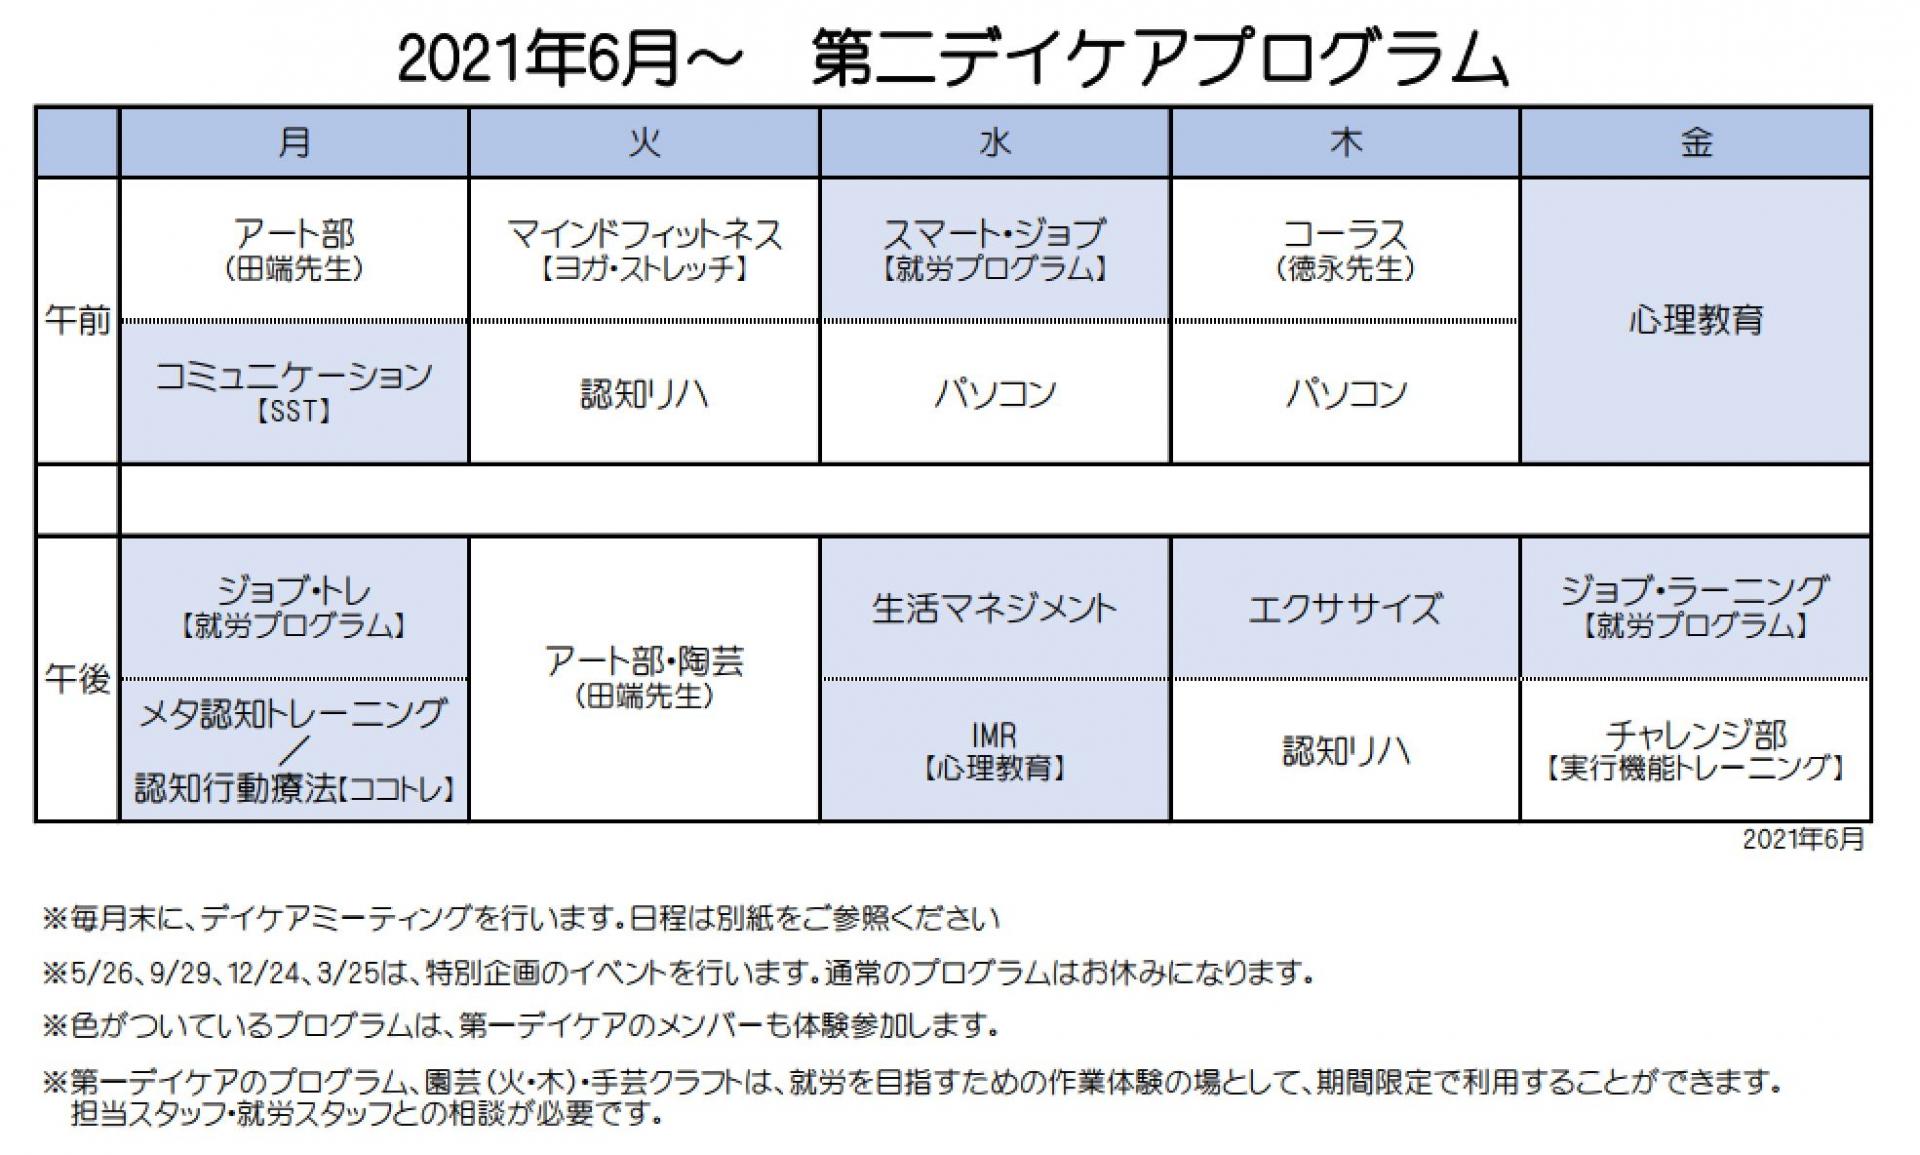 第二デイケア プログラム表